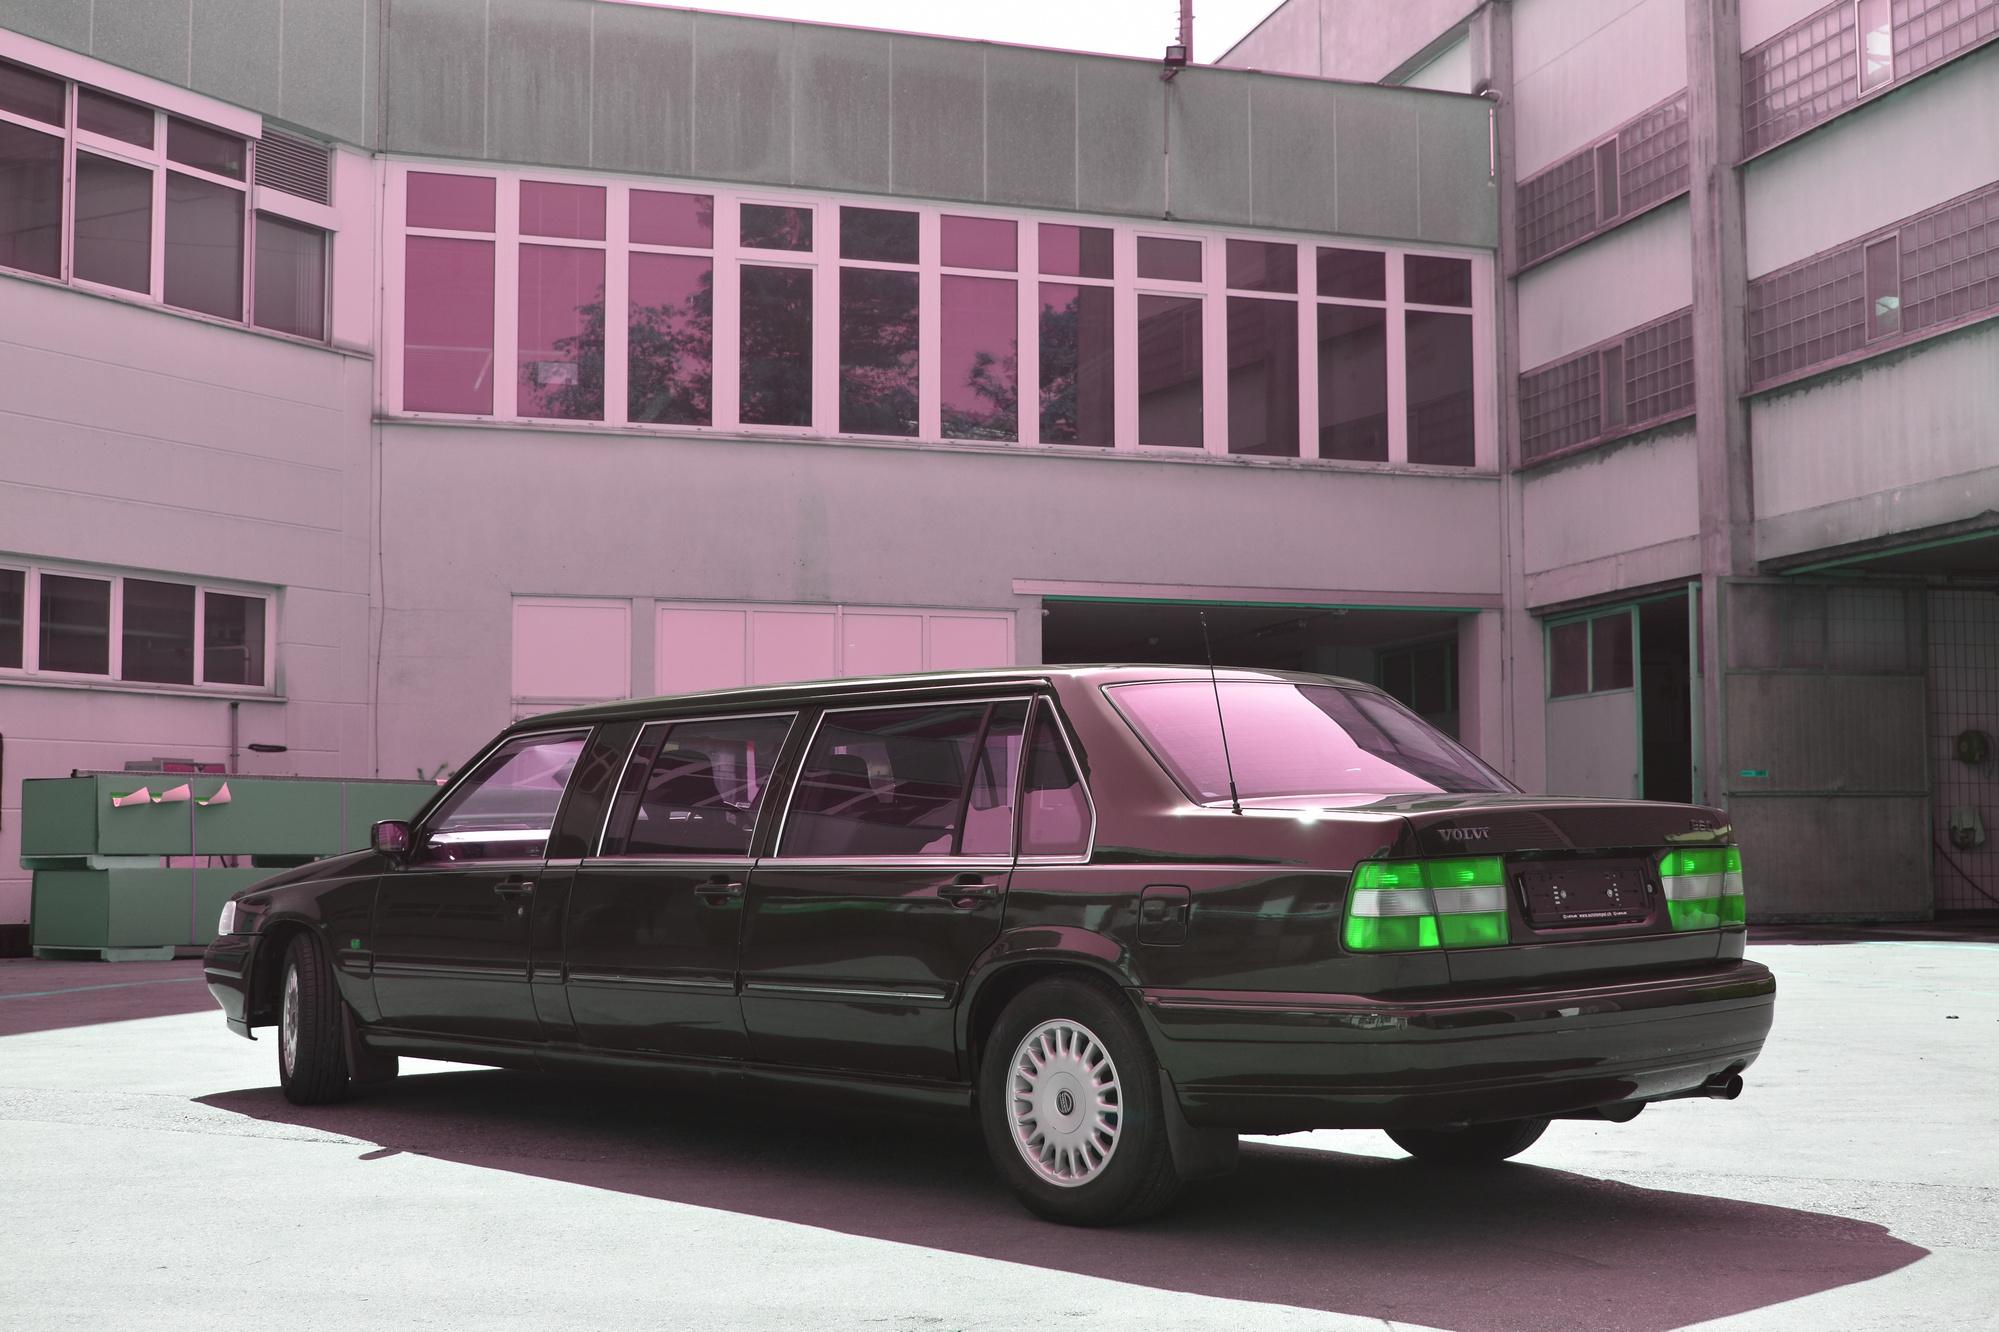 Volvo 960 Stretch Limousine Exot mit 6 Türen in Hinteransicht vor einem Industriegebäude